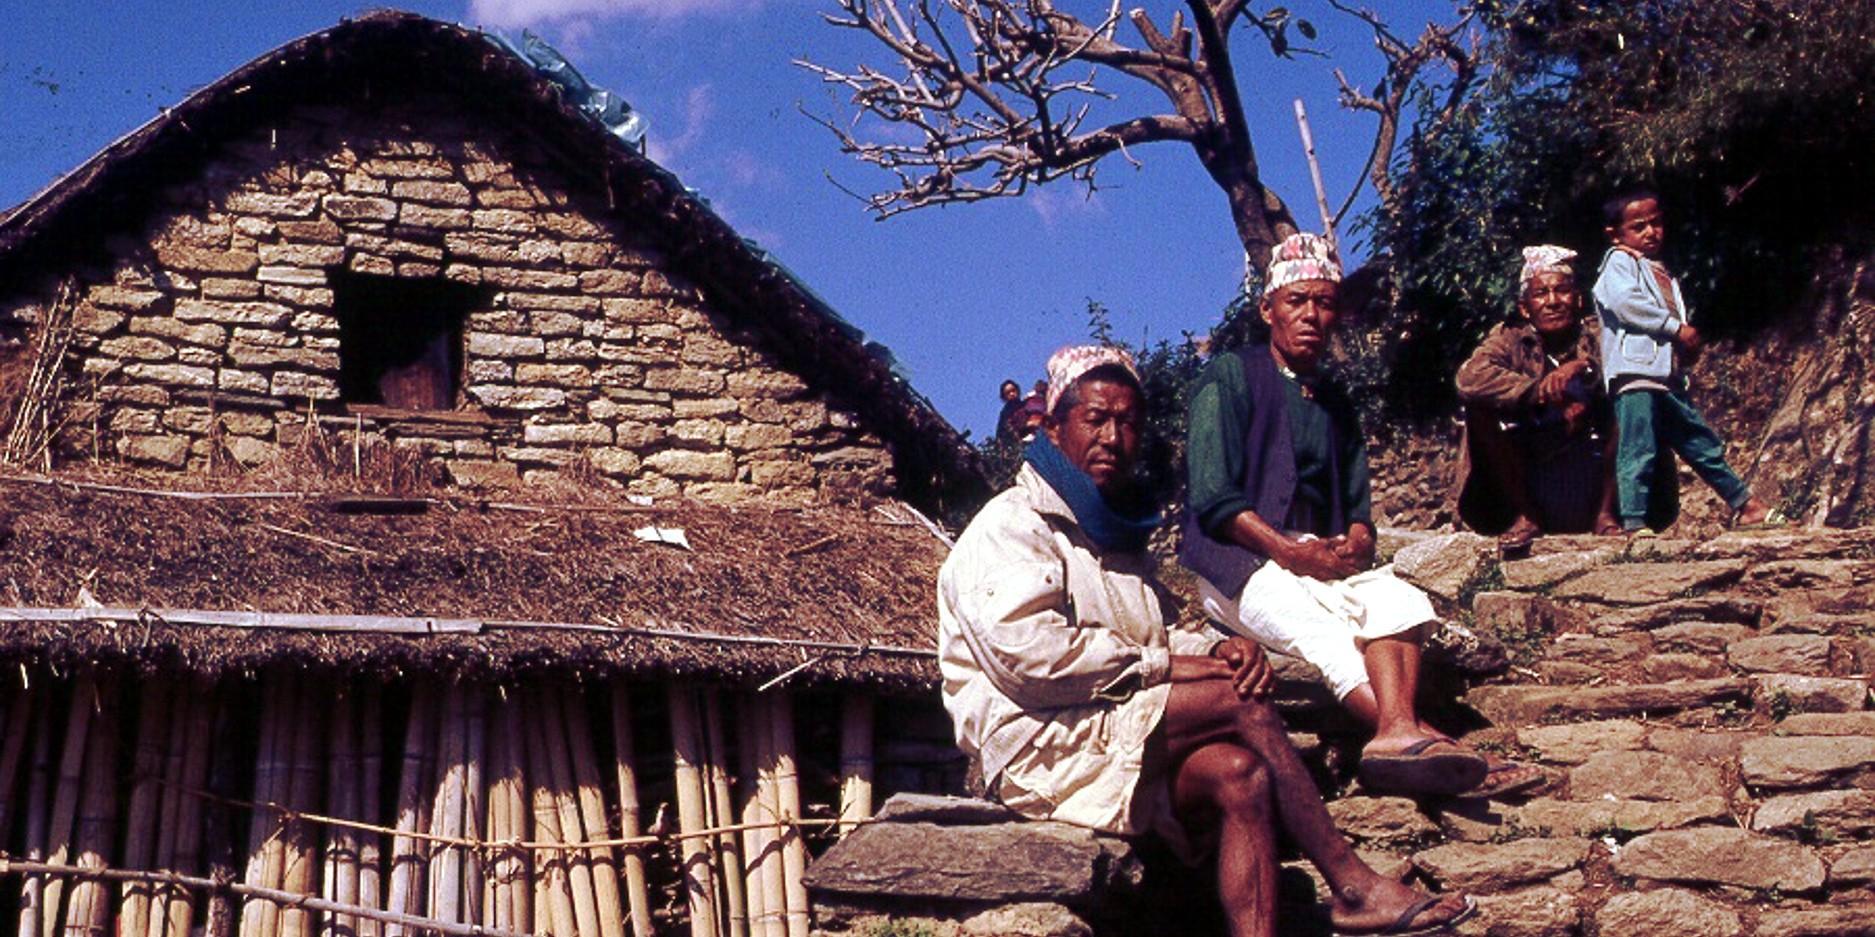 lespar-village-elders-1875x1250